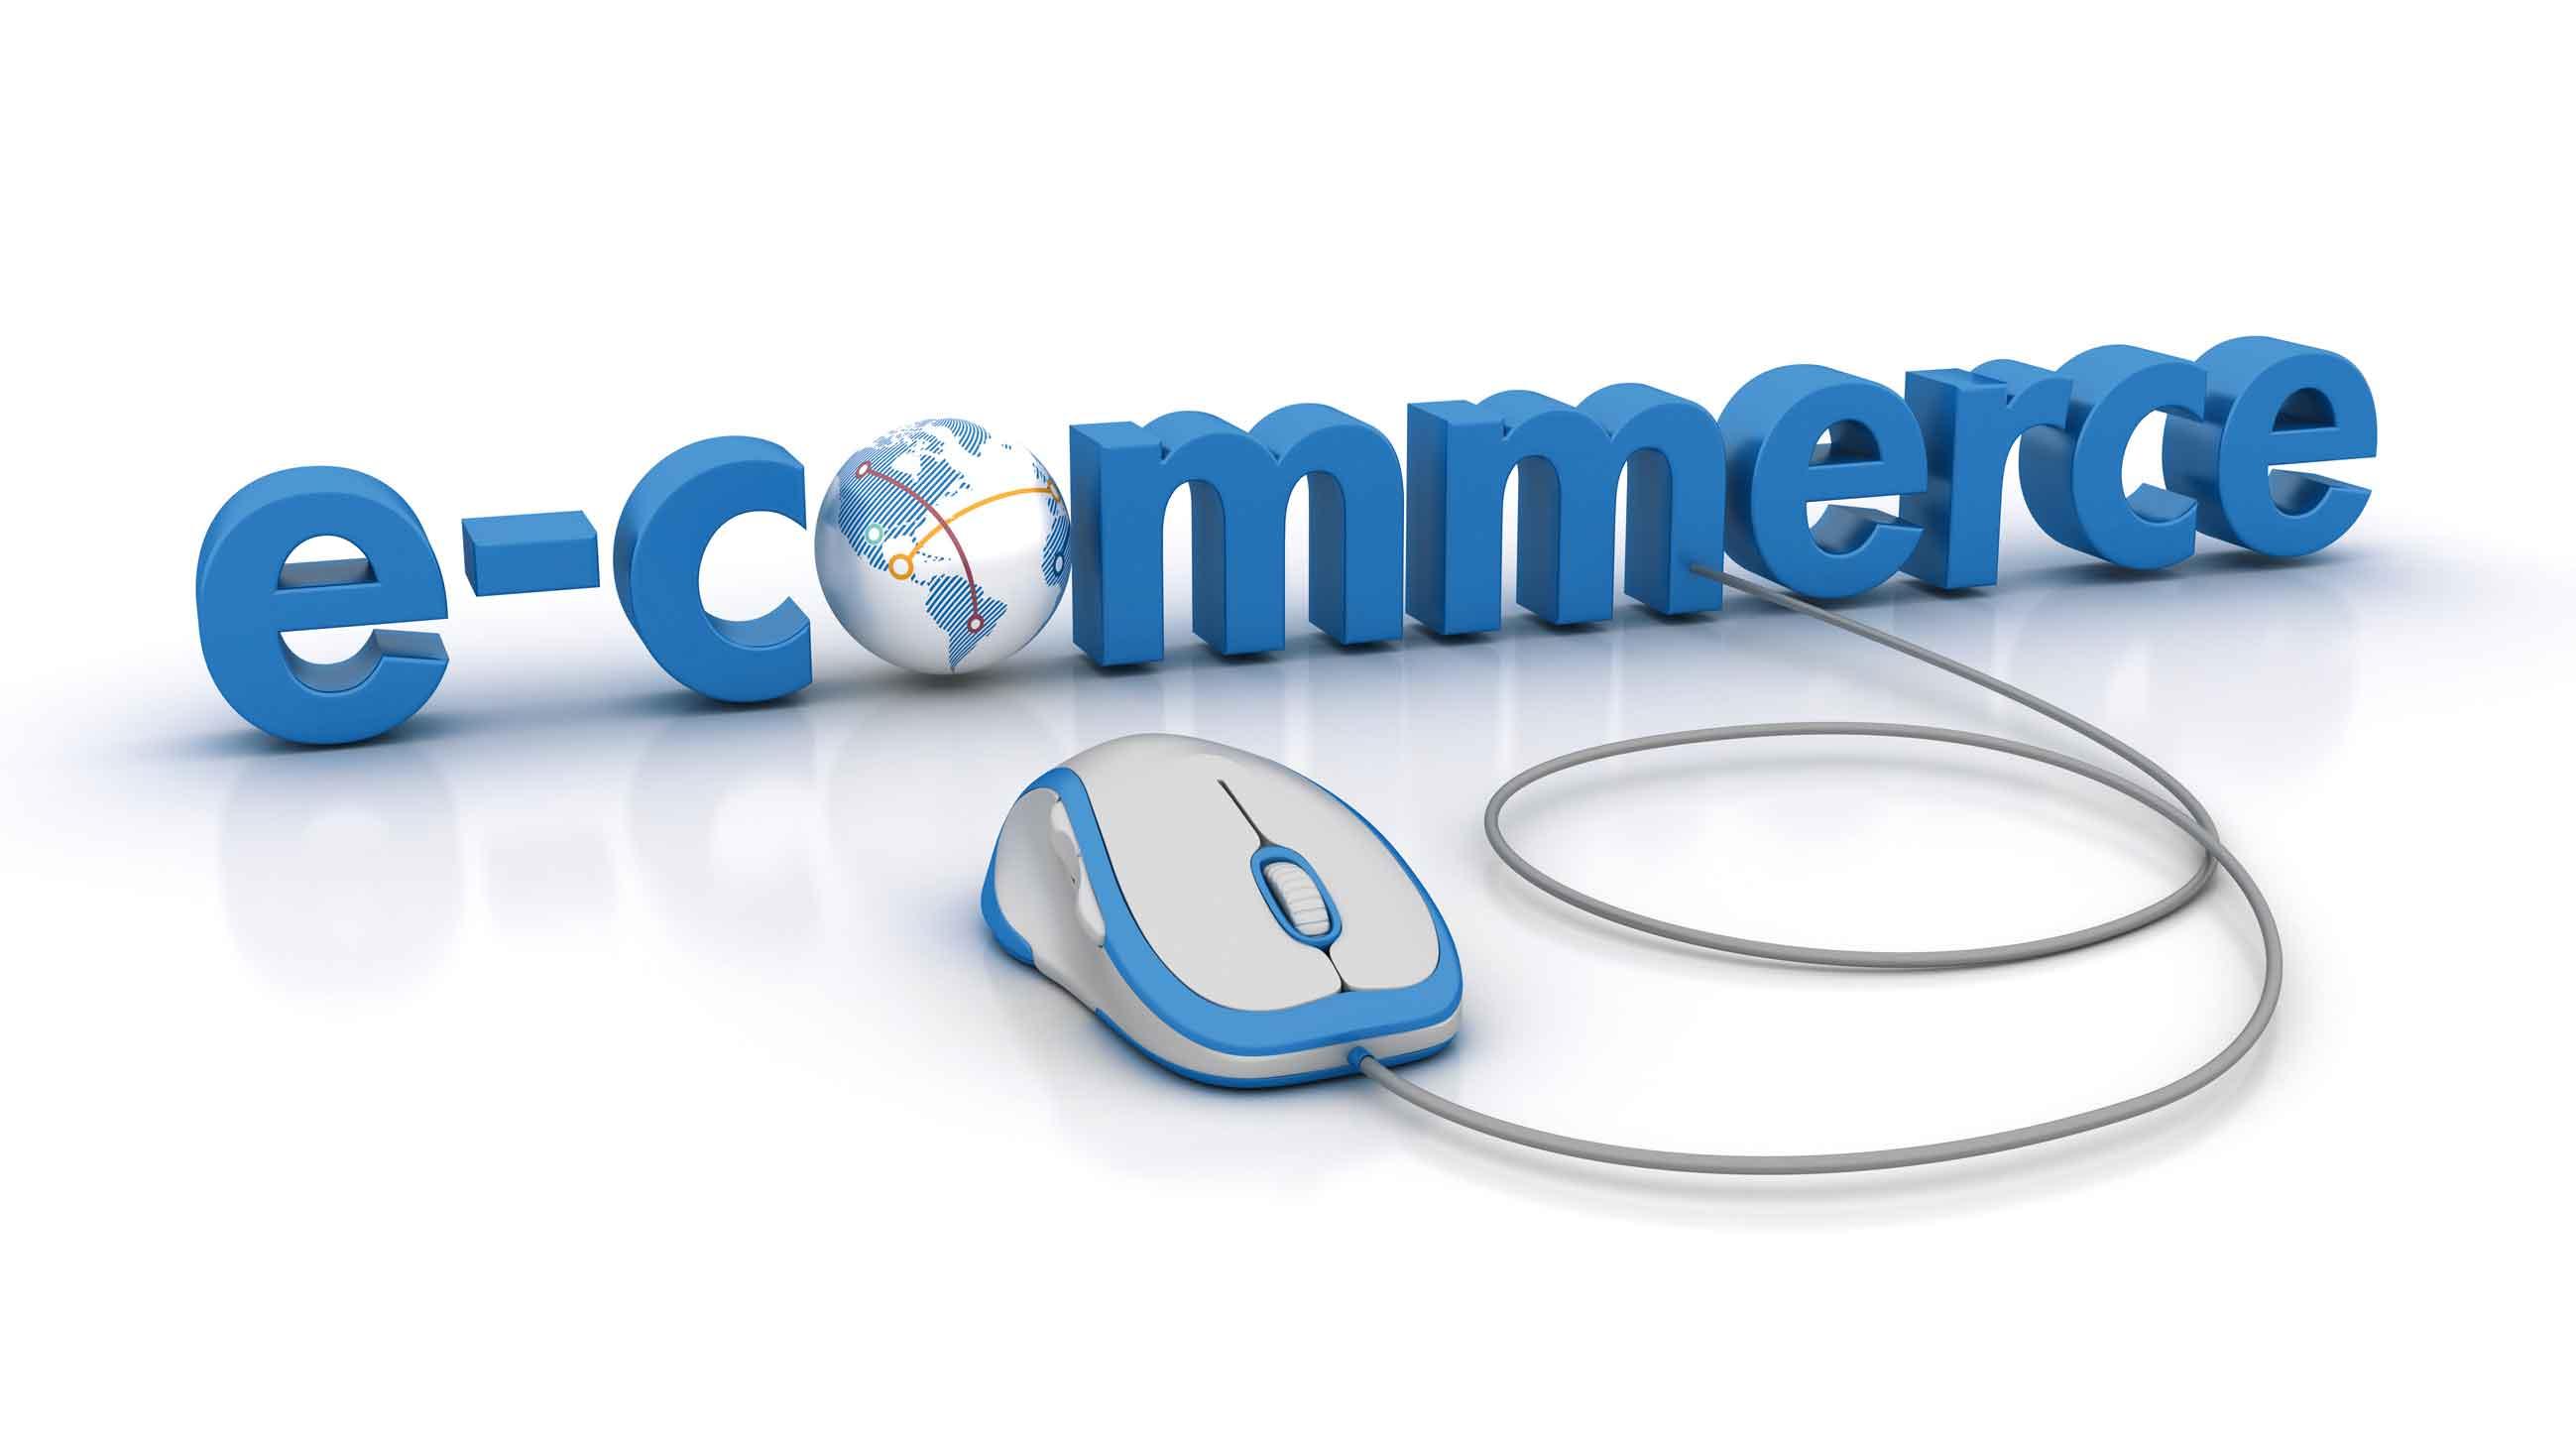 التجارة الالكترونية , ماهية التجارة الالكترونية , اشكال التجارة الالكترونية